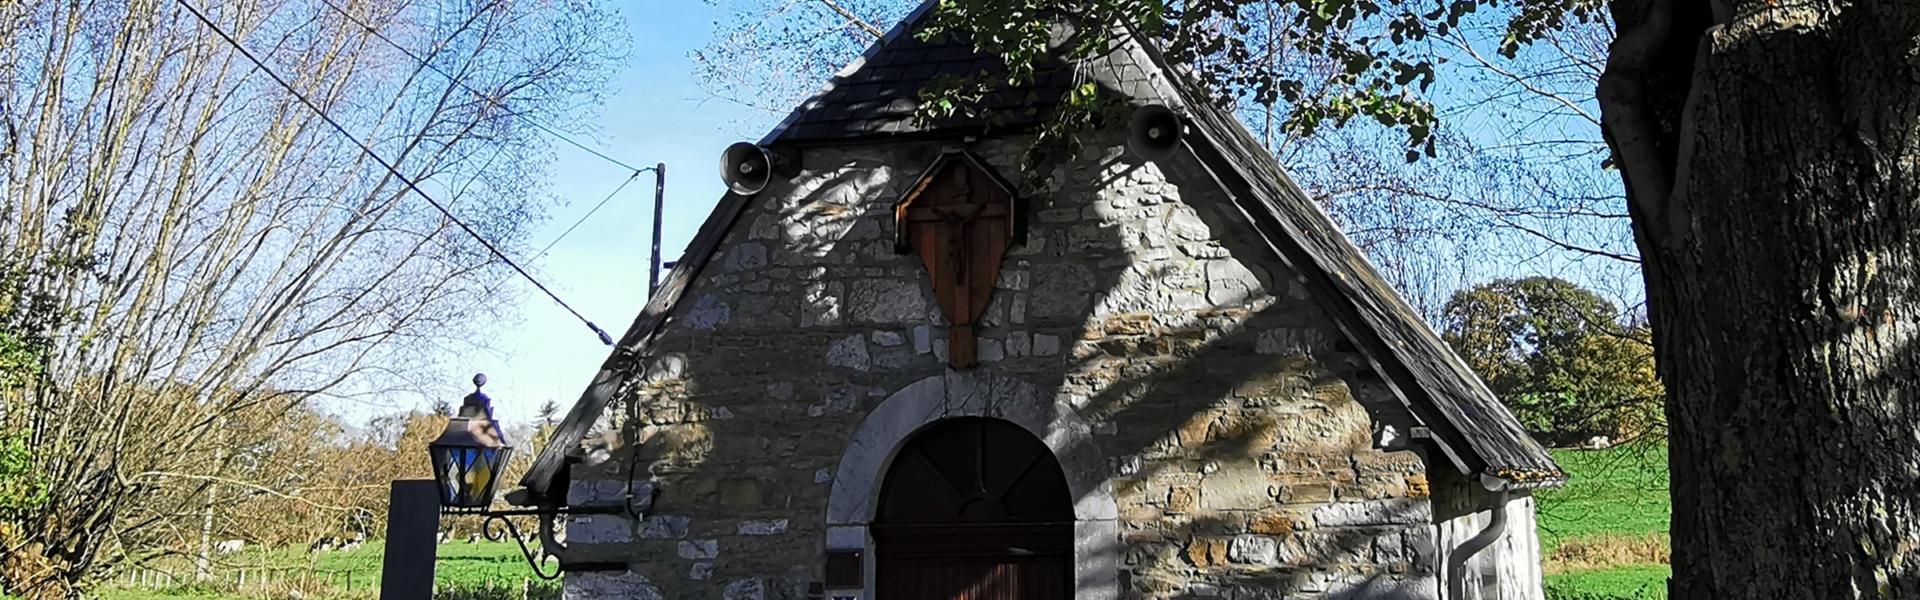 Sankt Rochuskapelle in Kelmis